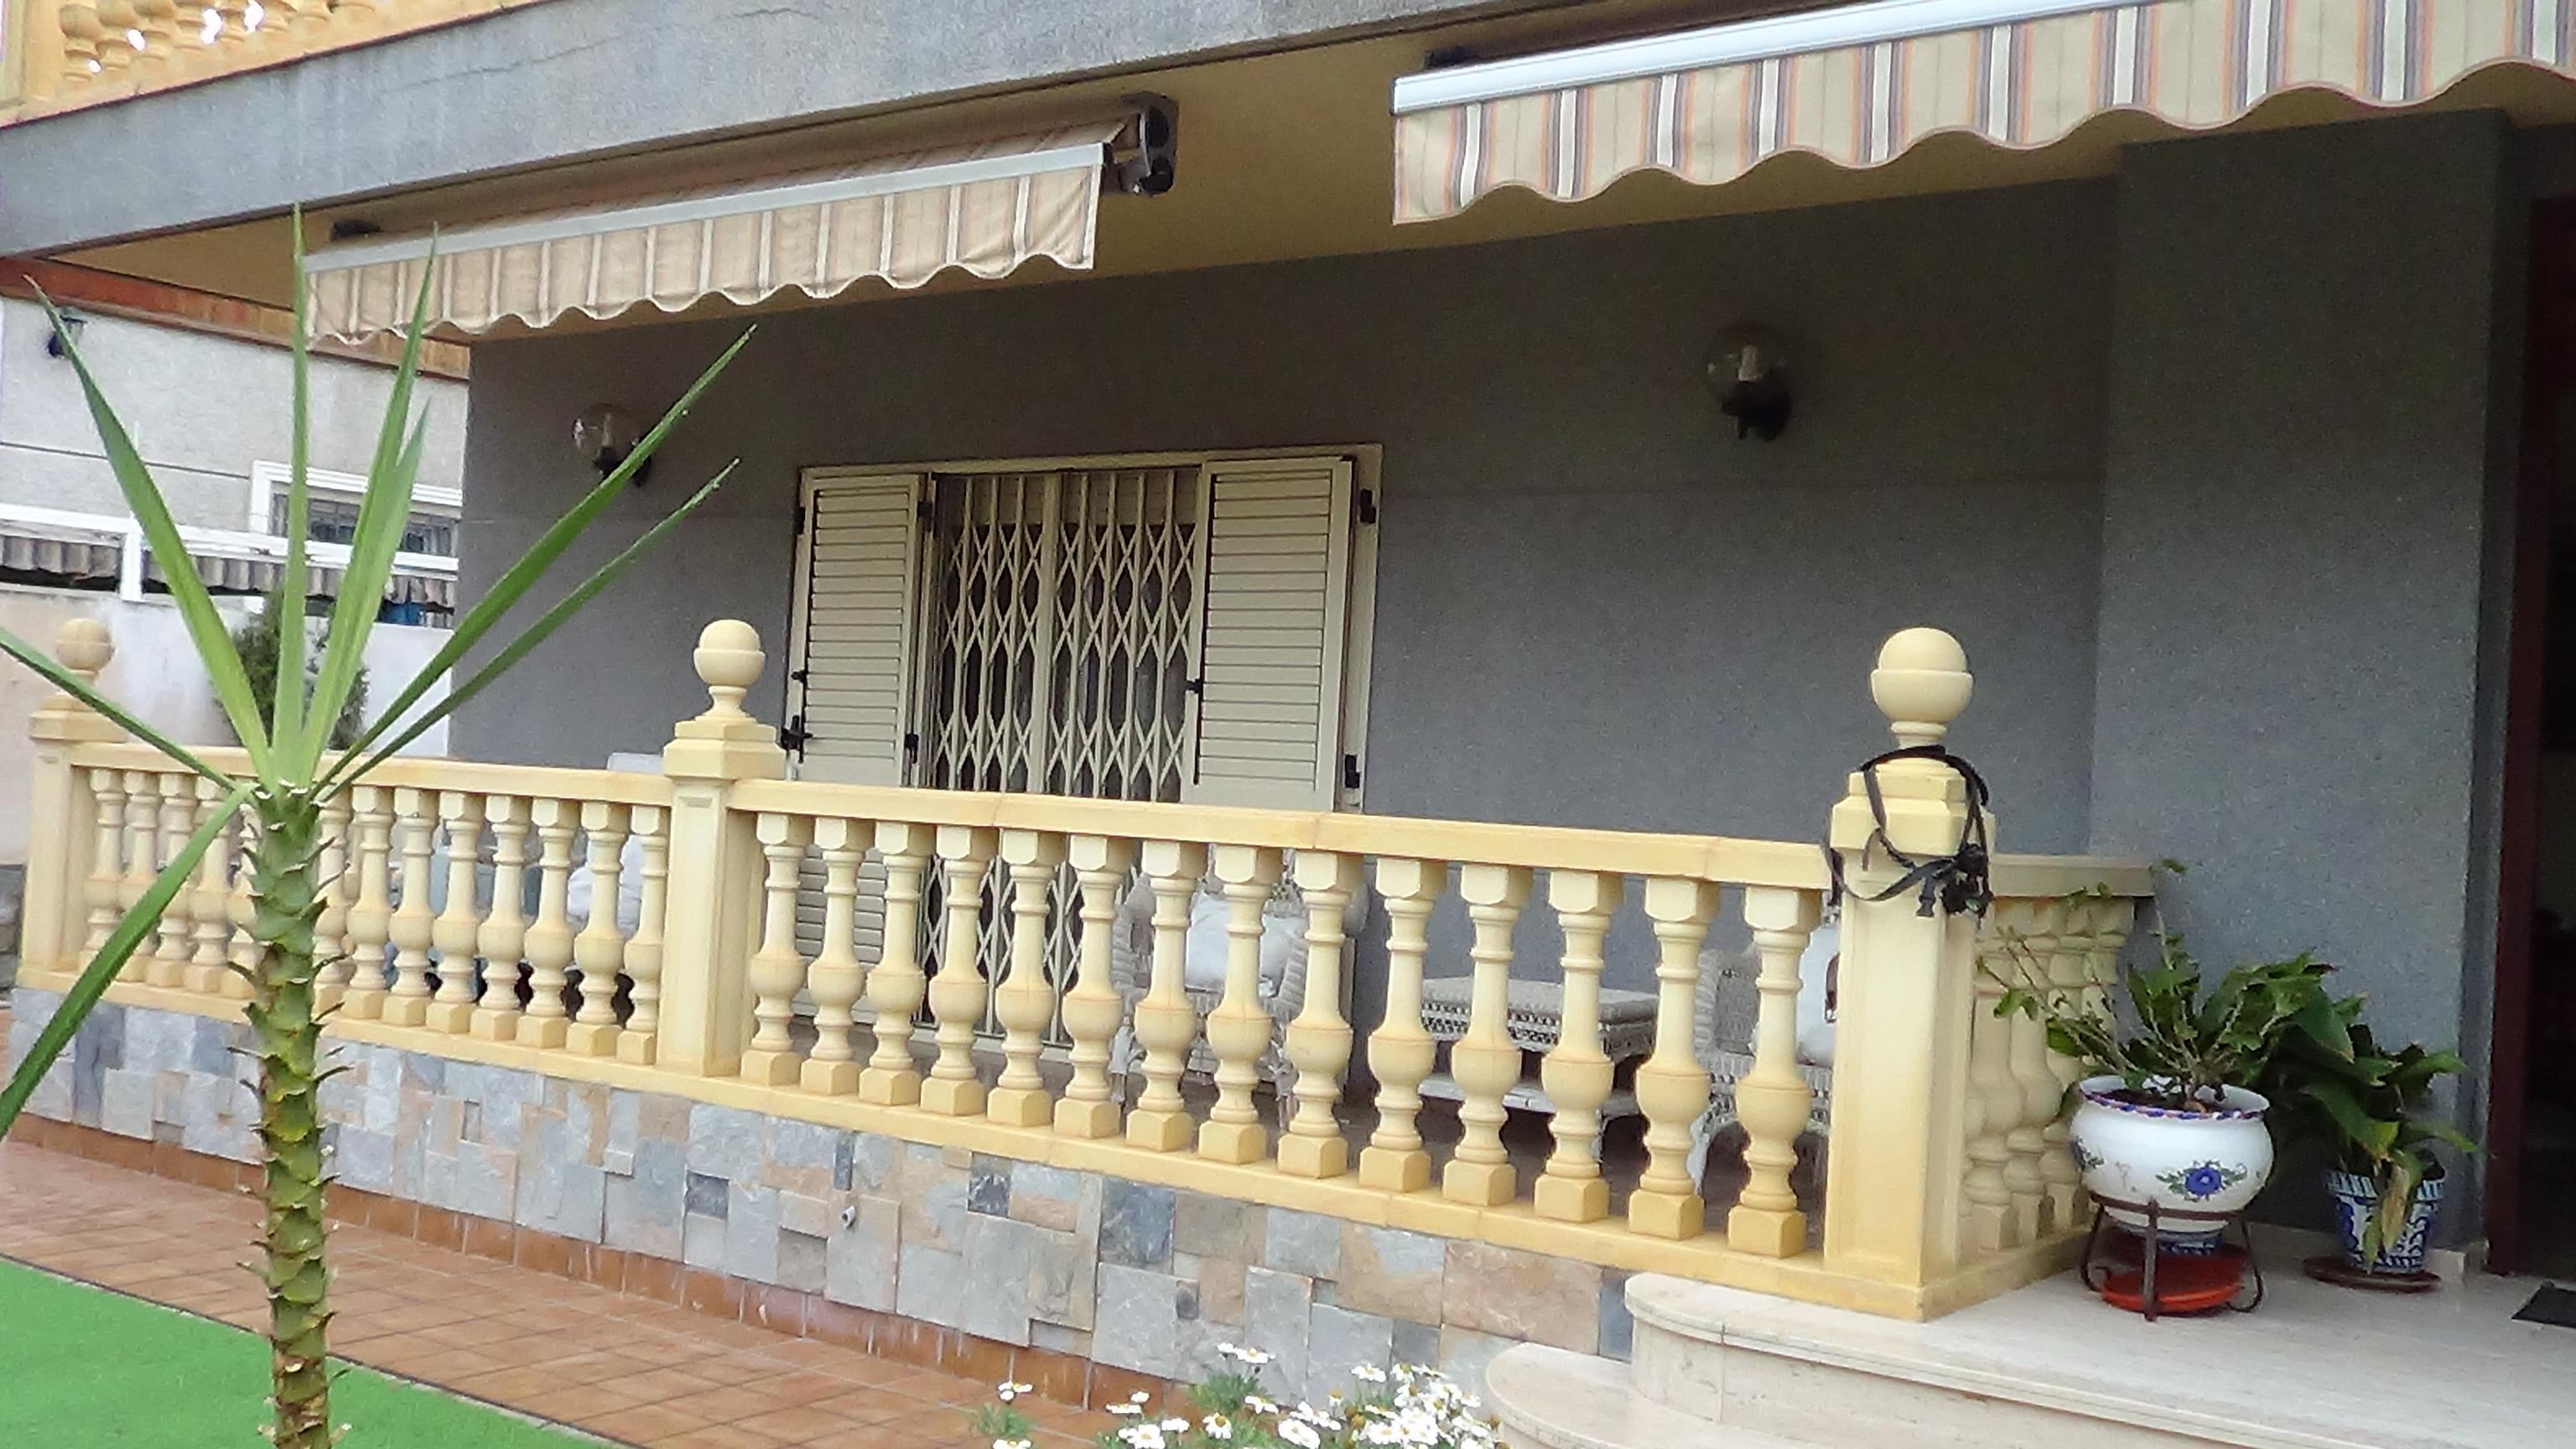 Imagen 1 Casa Aislada en venta en Elda / Ciudad Vergel de Elda, zona residencial Urbana.